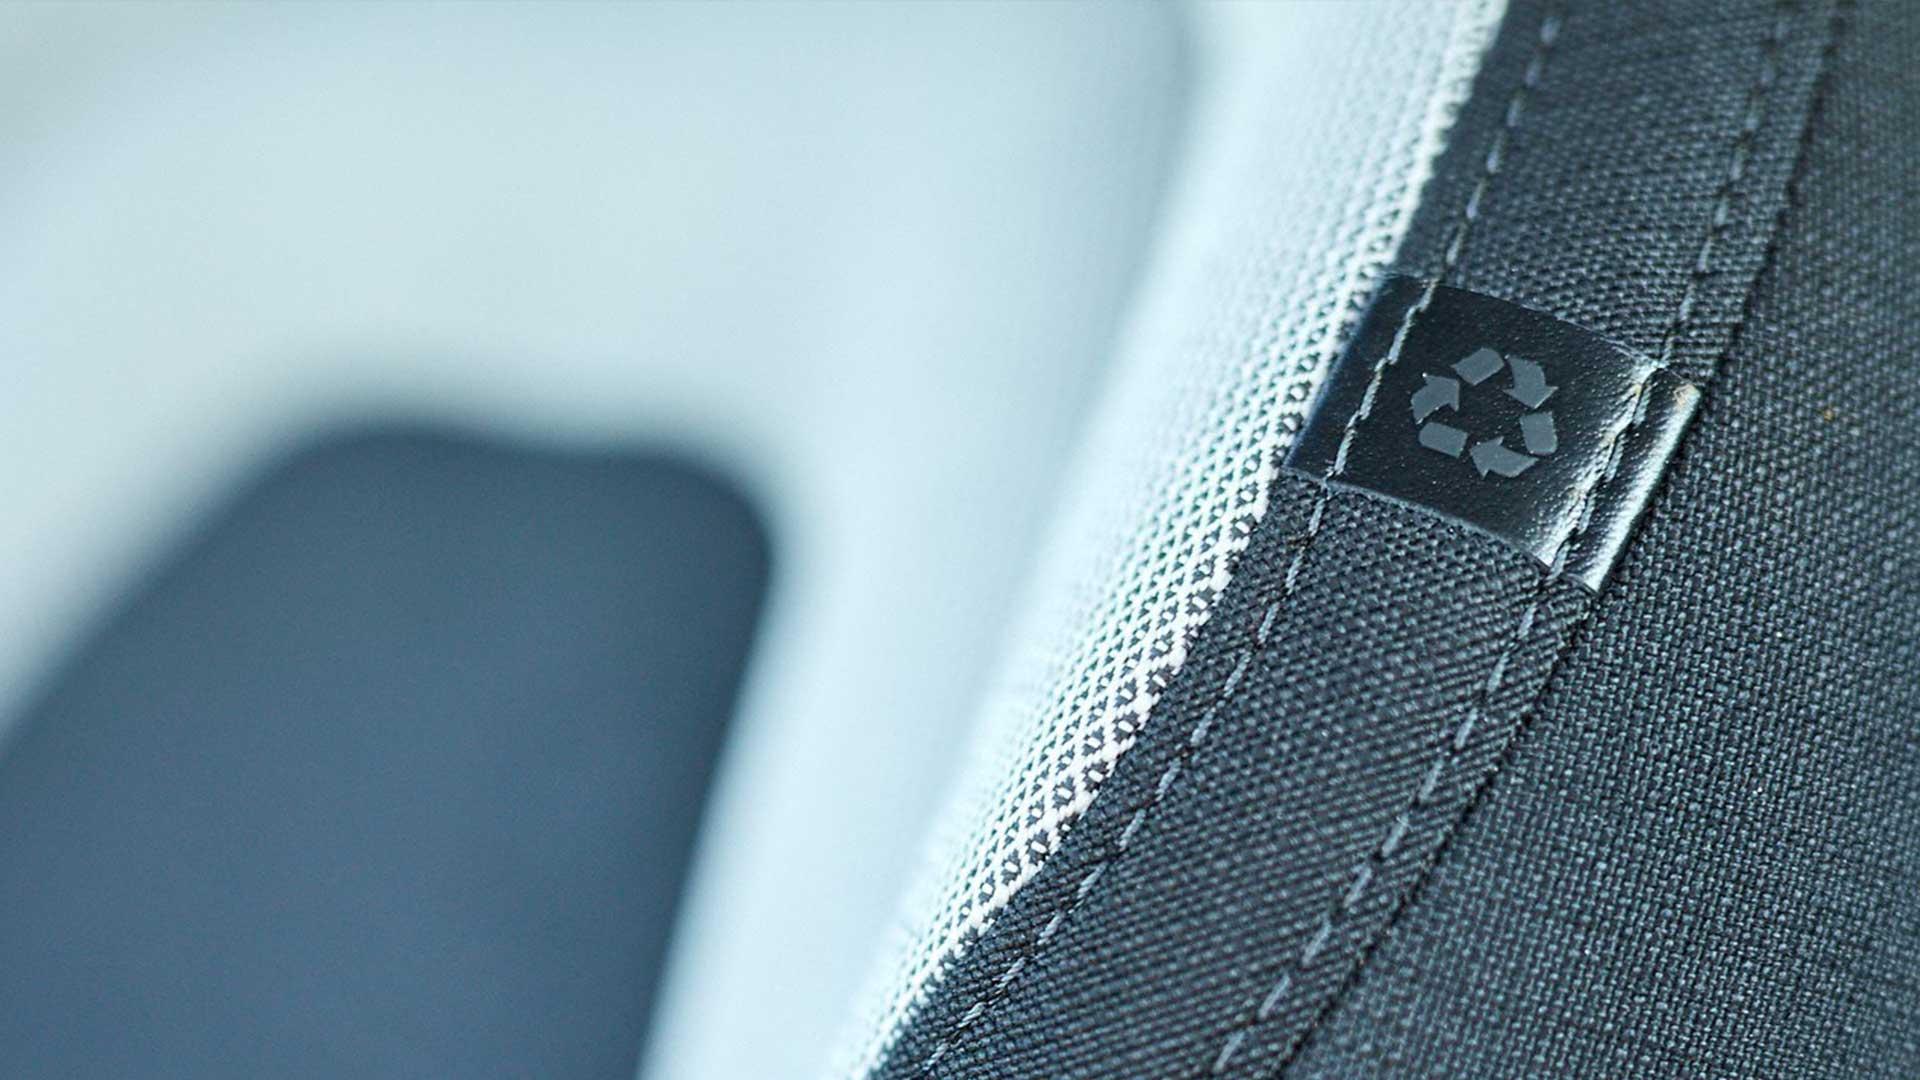 Κοντινό ενός καθίσματος αυτοκινήτου με το διεθνές σήμα της ανακύκλωσης ραμμένο στο ύφασμα.